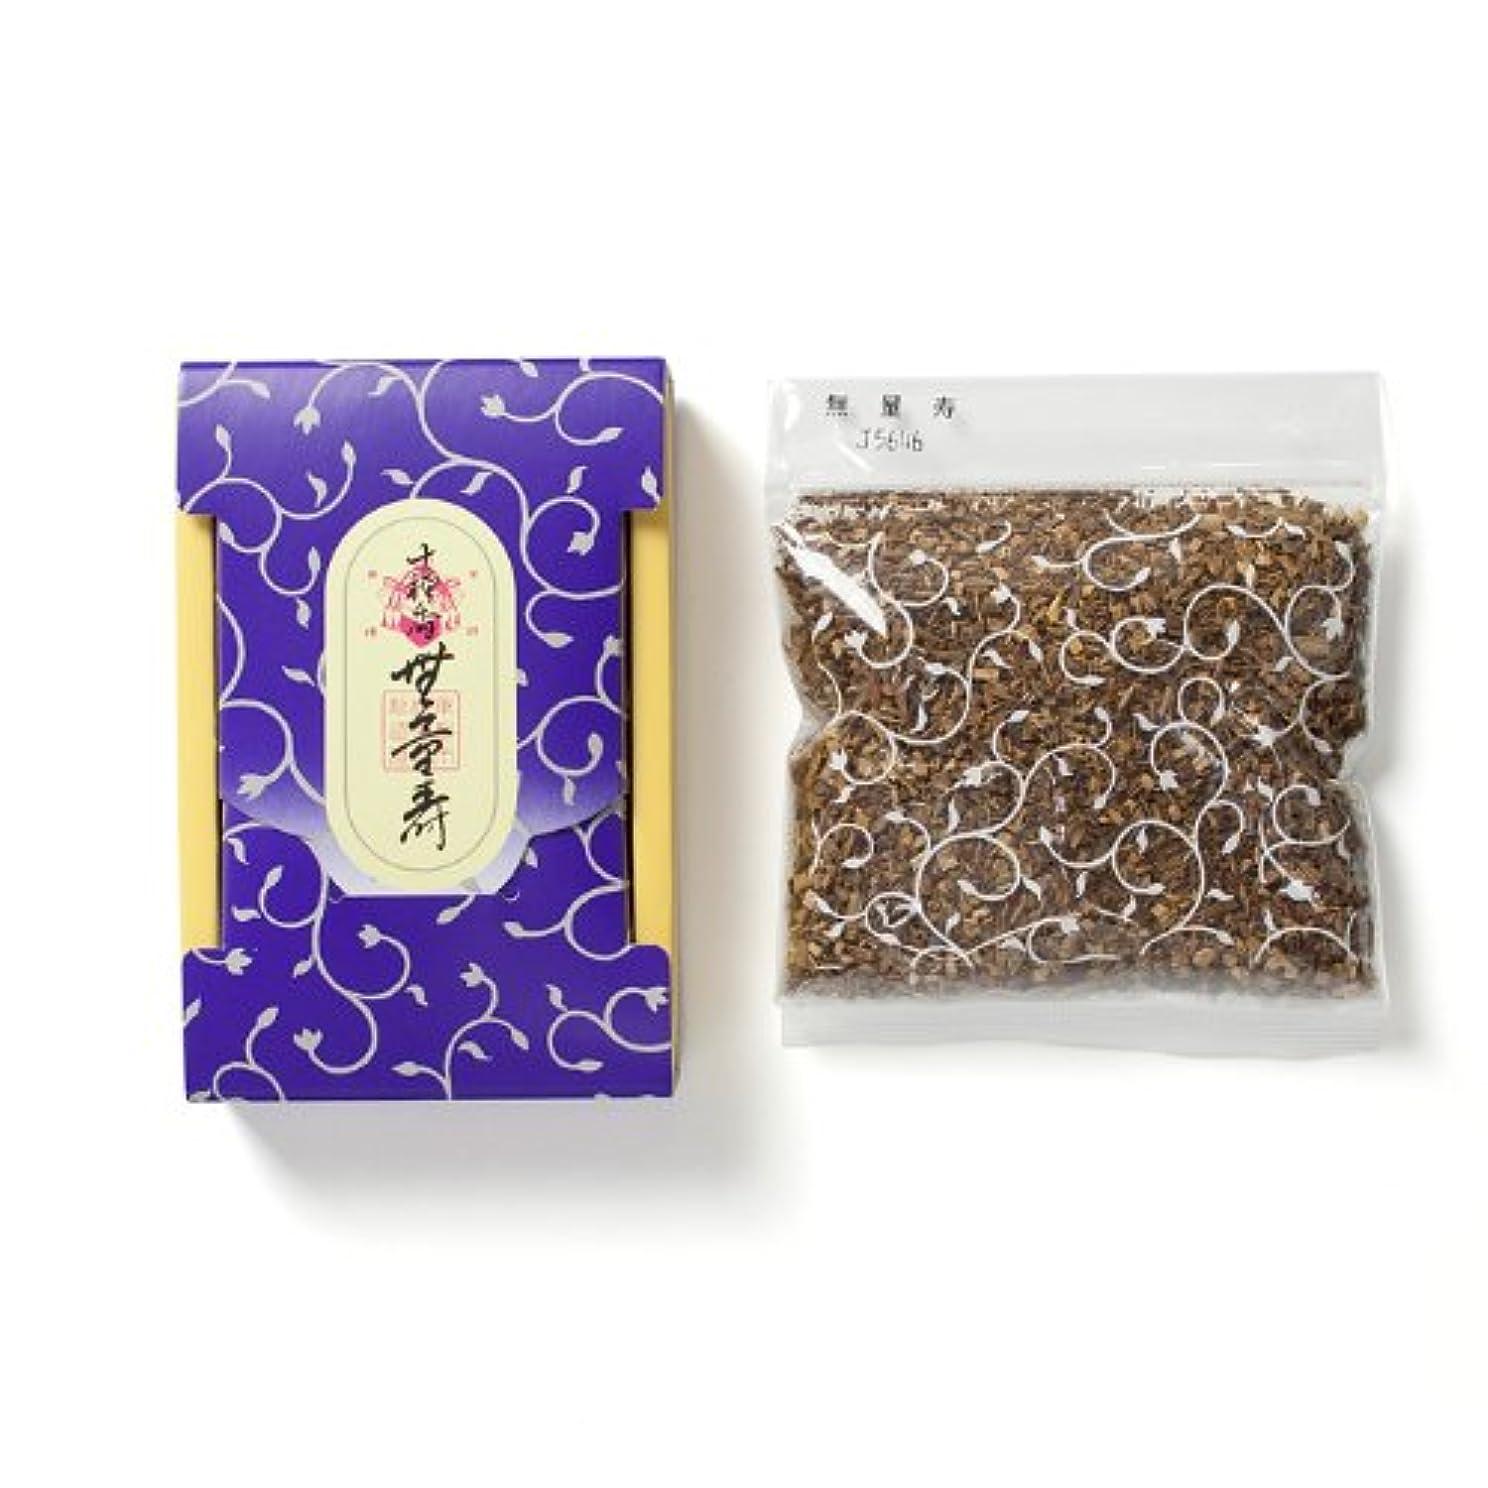 十分にキウイ学期松栄堂のお焼香 十種香 無量寿 25g詰 小箱入 #410841